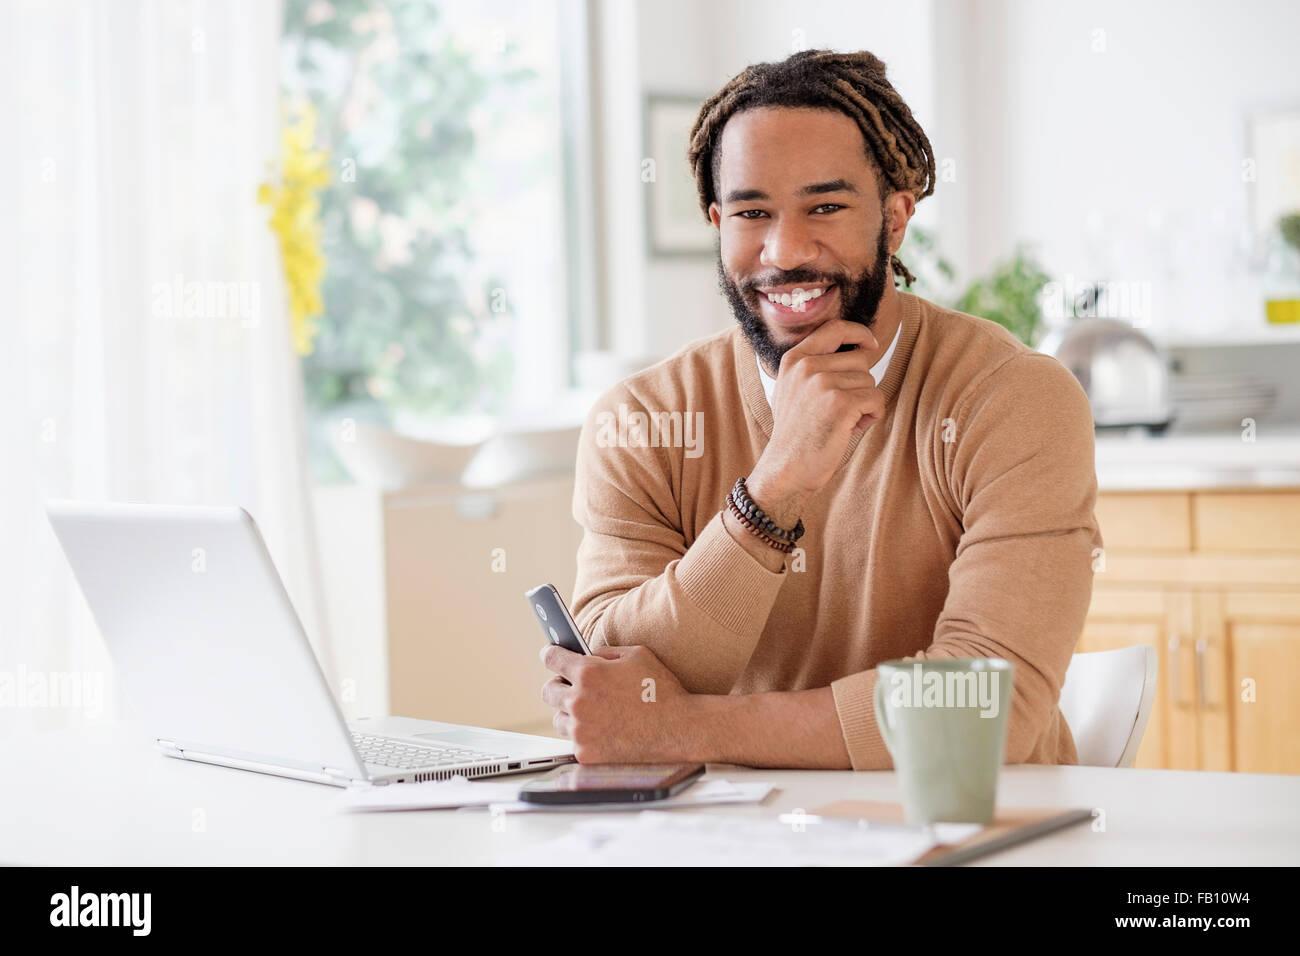 Retrato del joven sonriente con laptop en la mesa Imagen De Stock